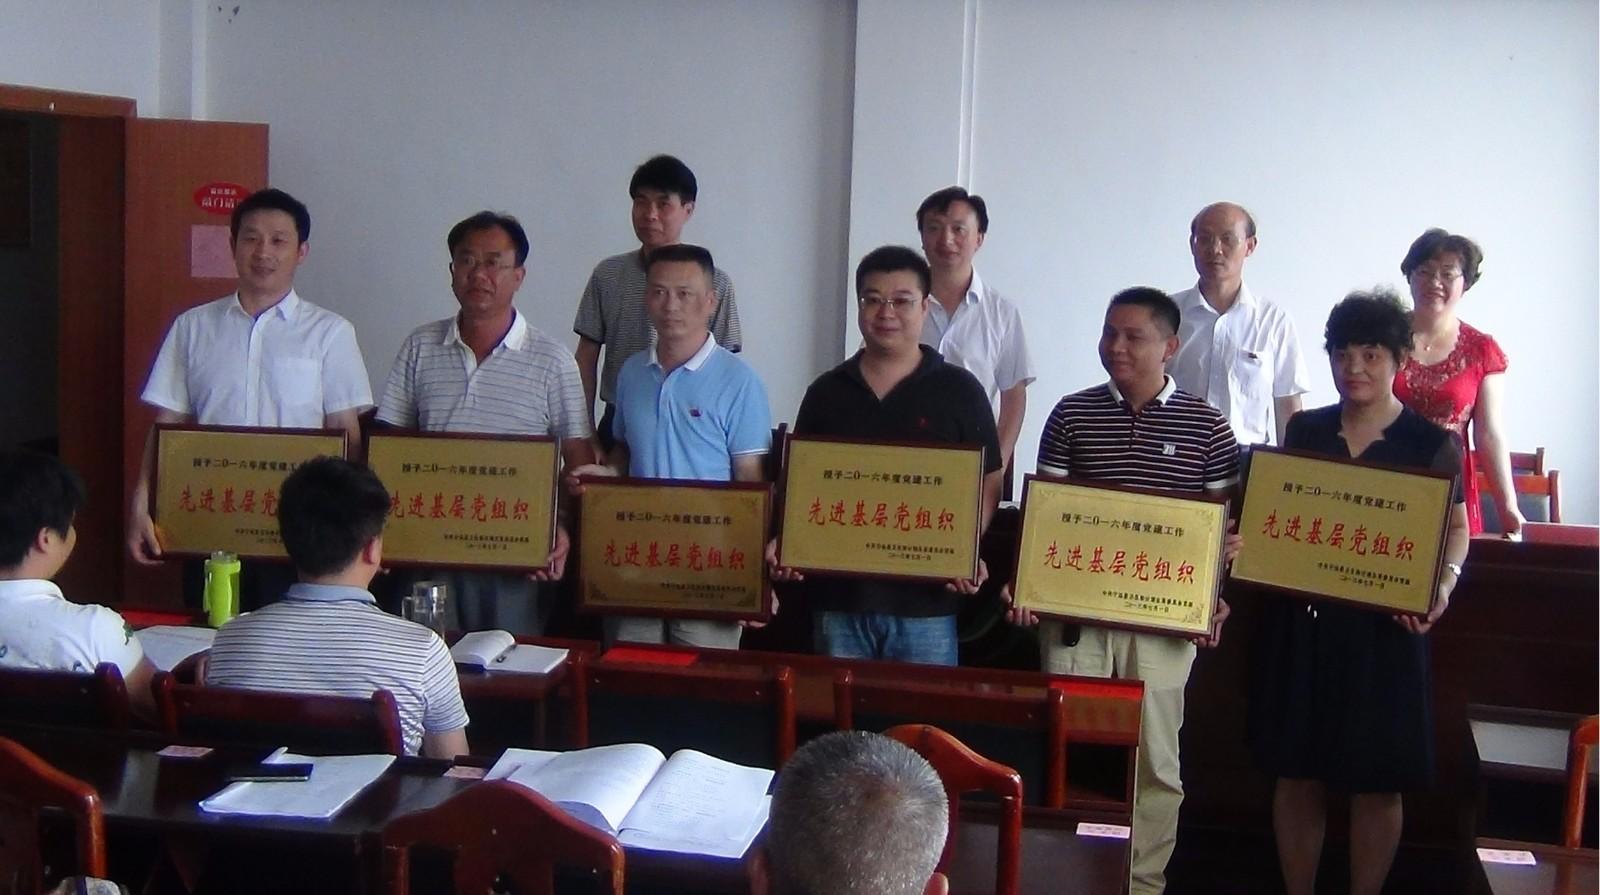 """宁远县卫计系统庆祝建党95周年暨""""七一""""表彰大会-.jpg"""